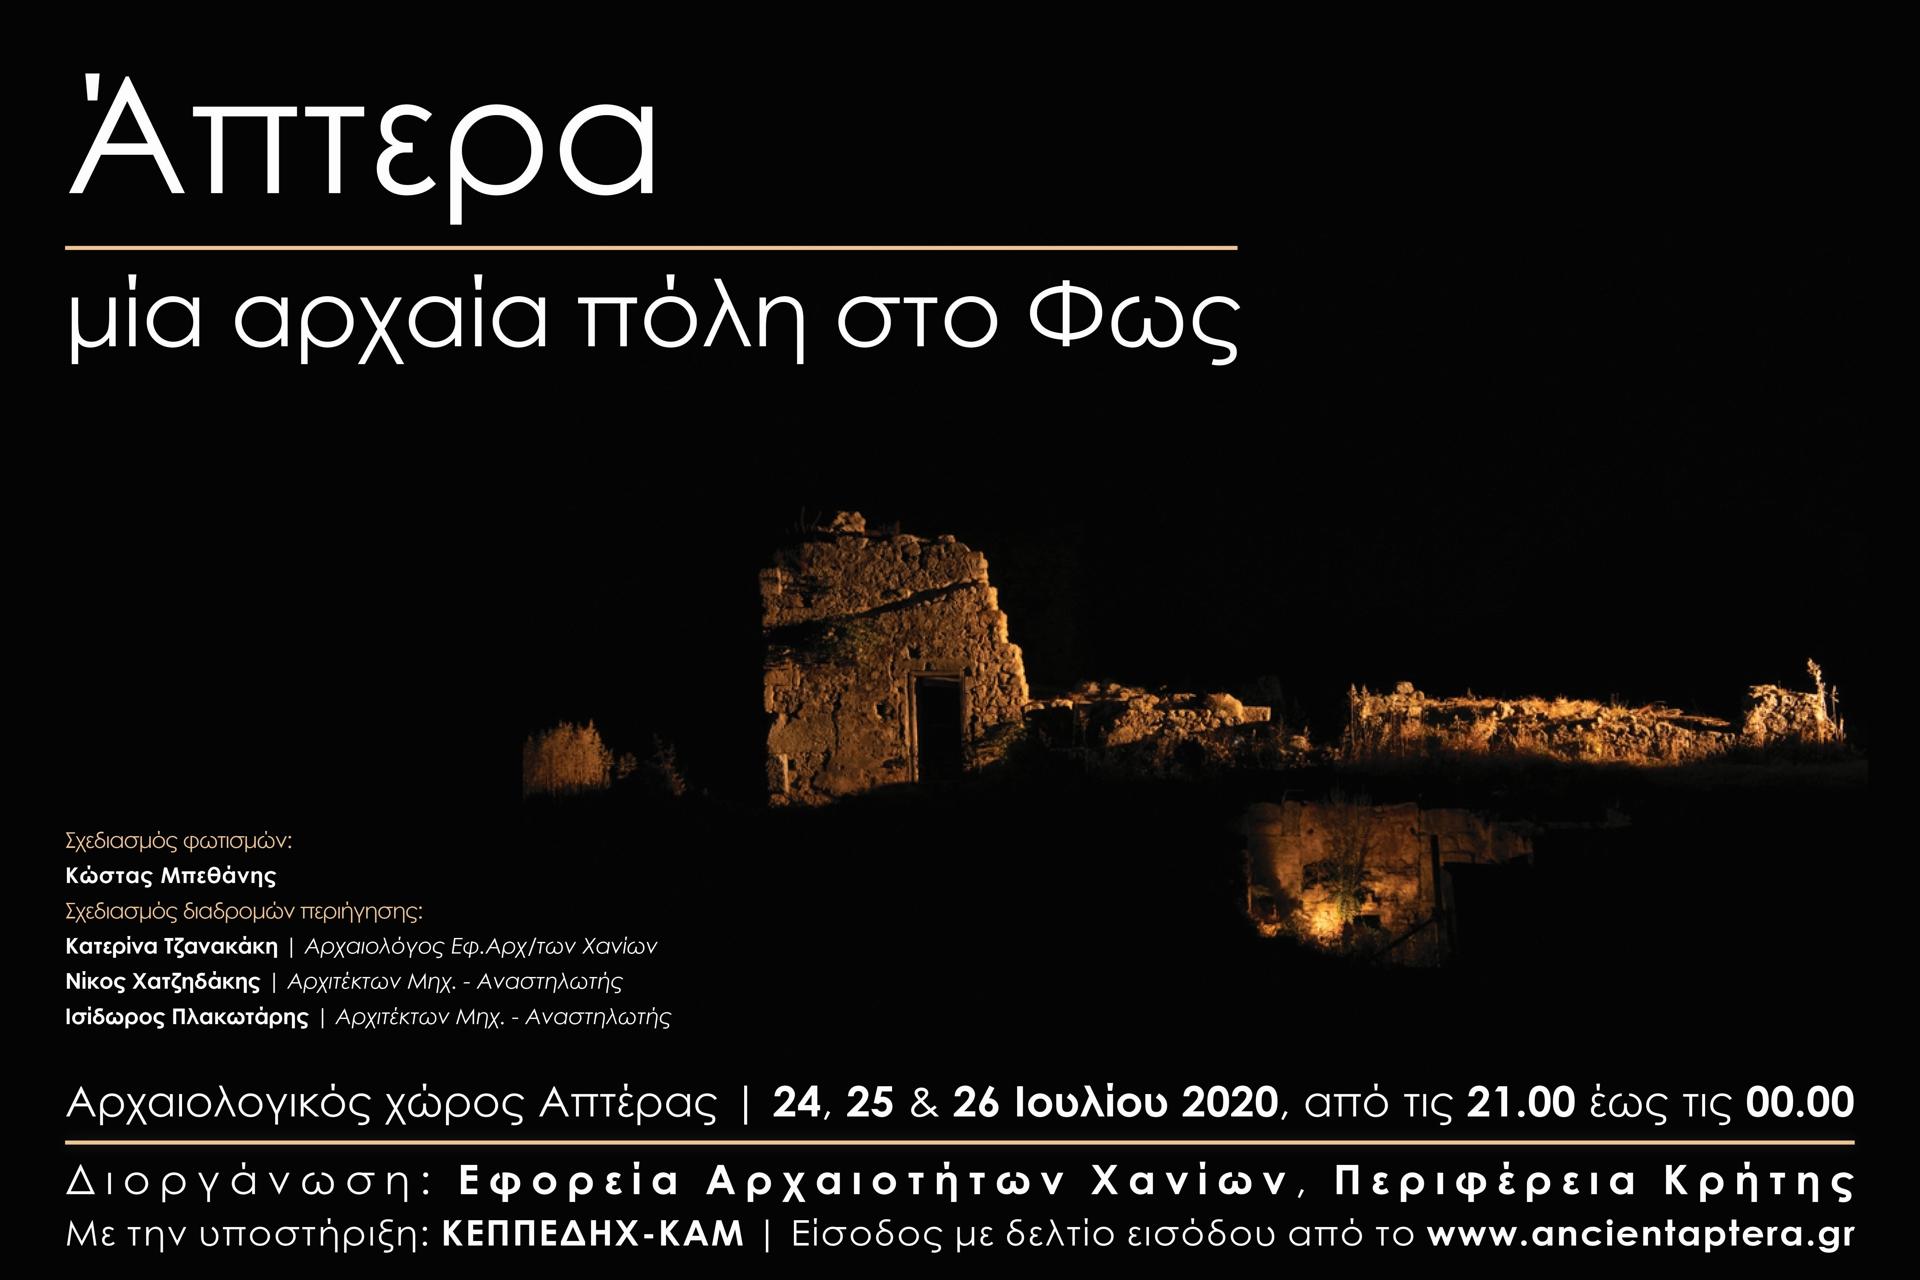 Στις 24, 25 και 26 Ιουλίου η ανασκαμμένη αρχαία πόλη της Απτέρας έρχεται στο φως